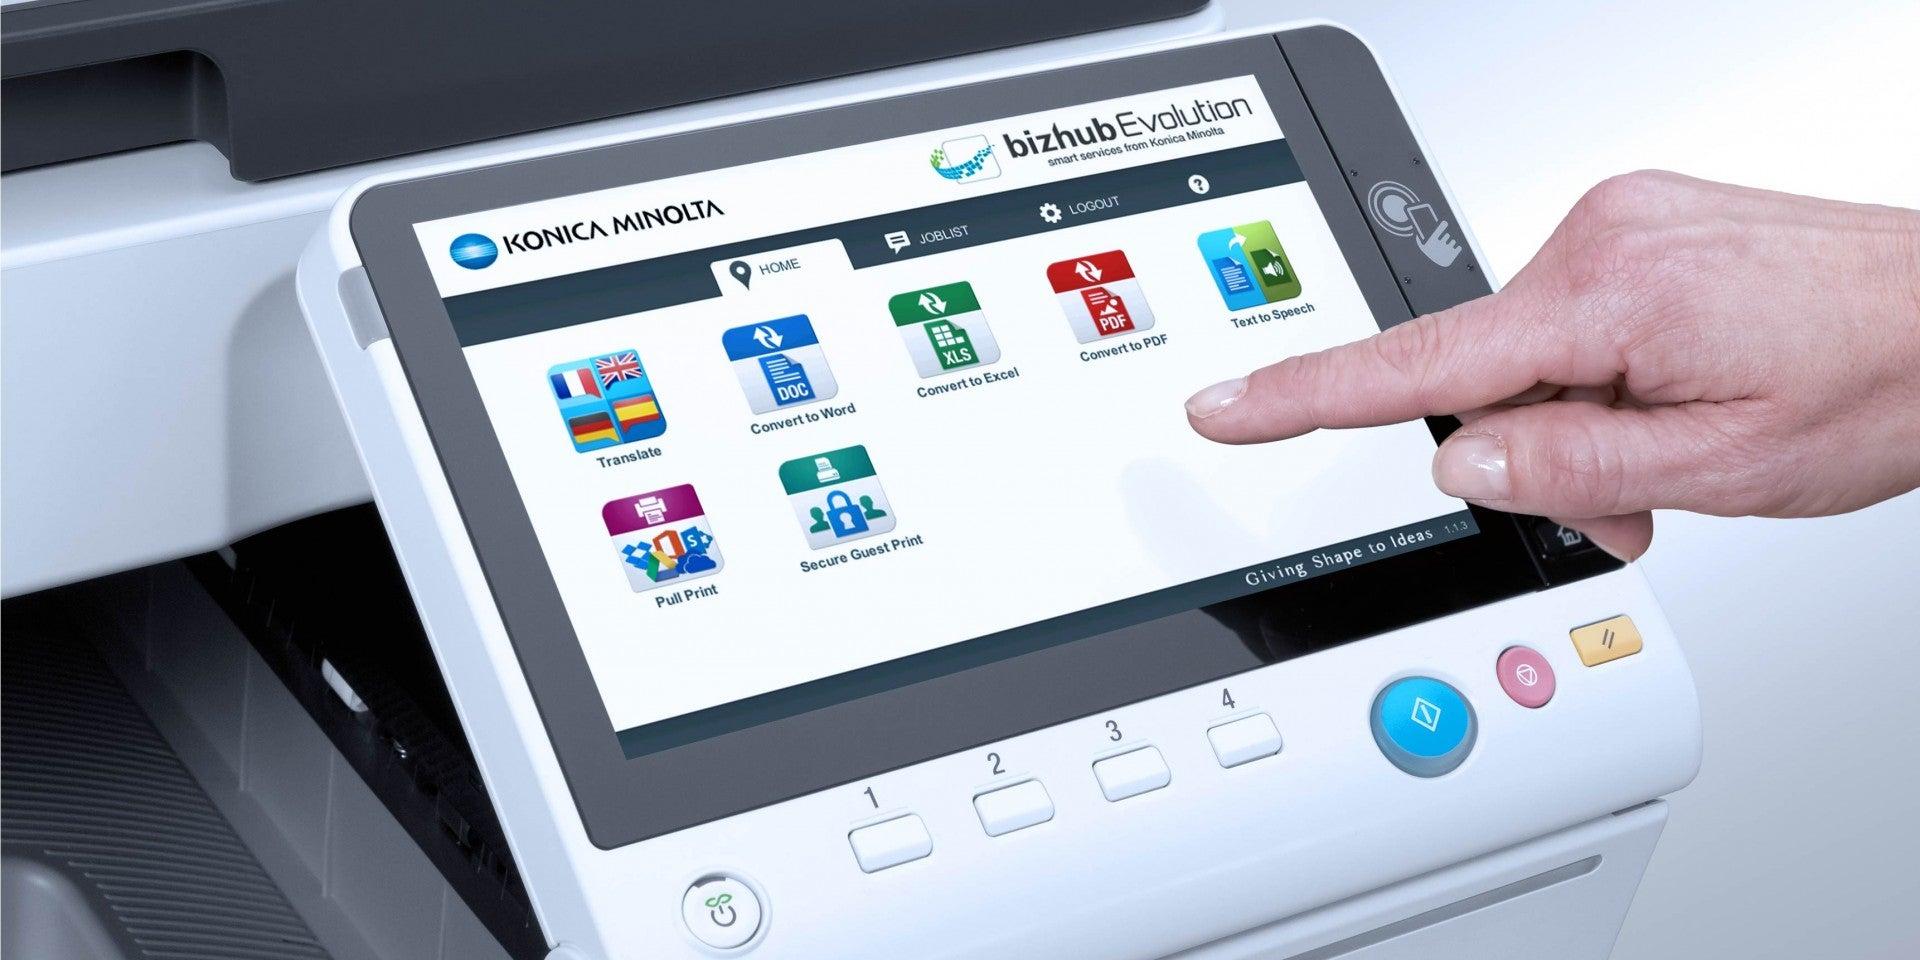 Konica Minolta запускає Cloud Printing Service щоби керувати усім середовищем друку своїх клієнтів